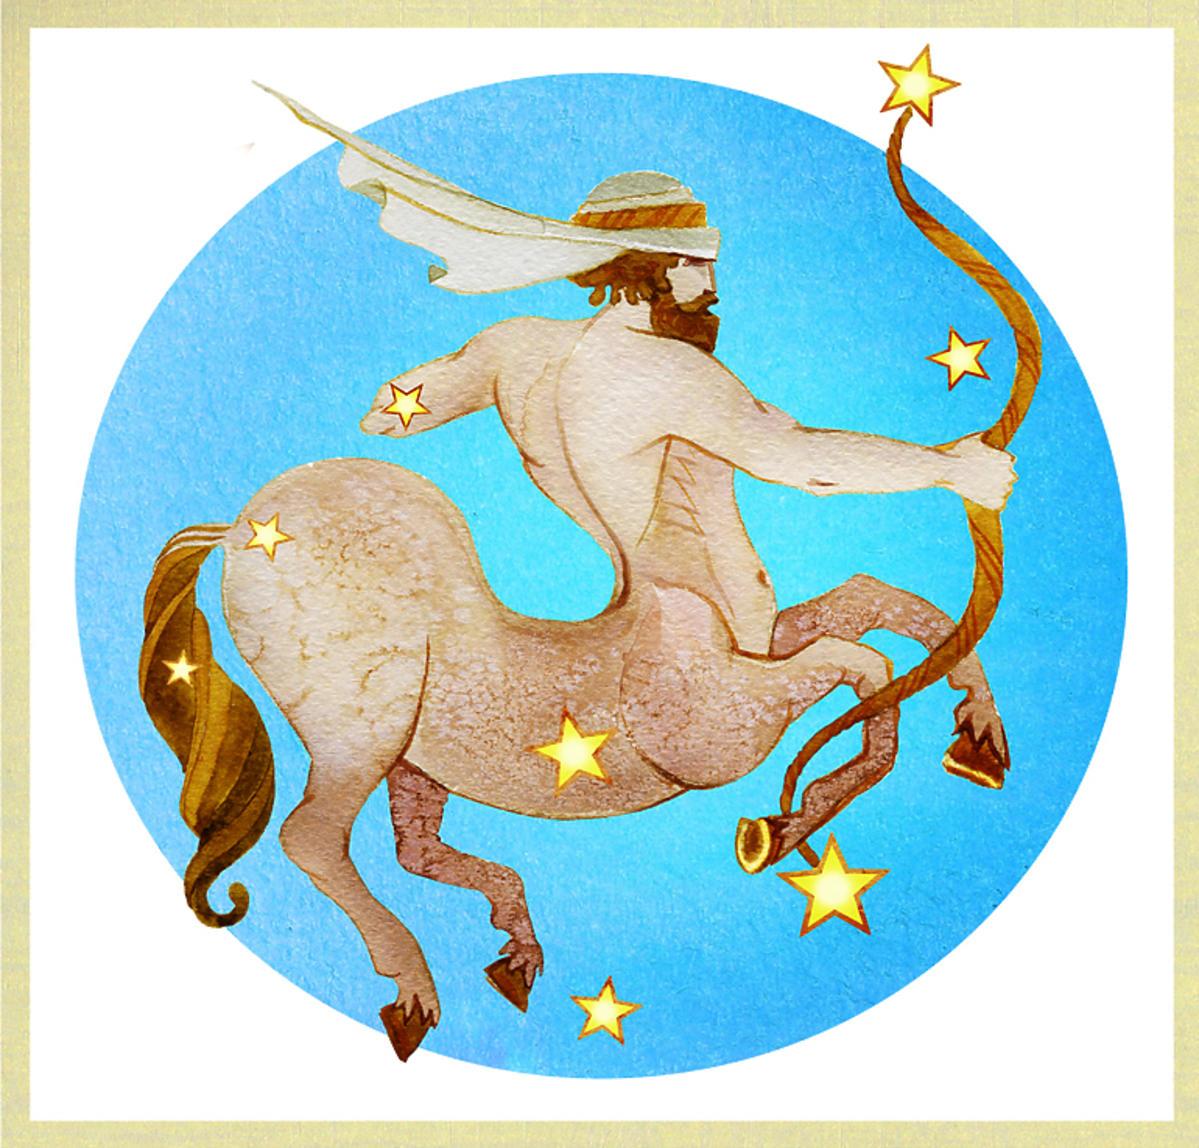 Strzelec horoskop zodiak